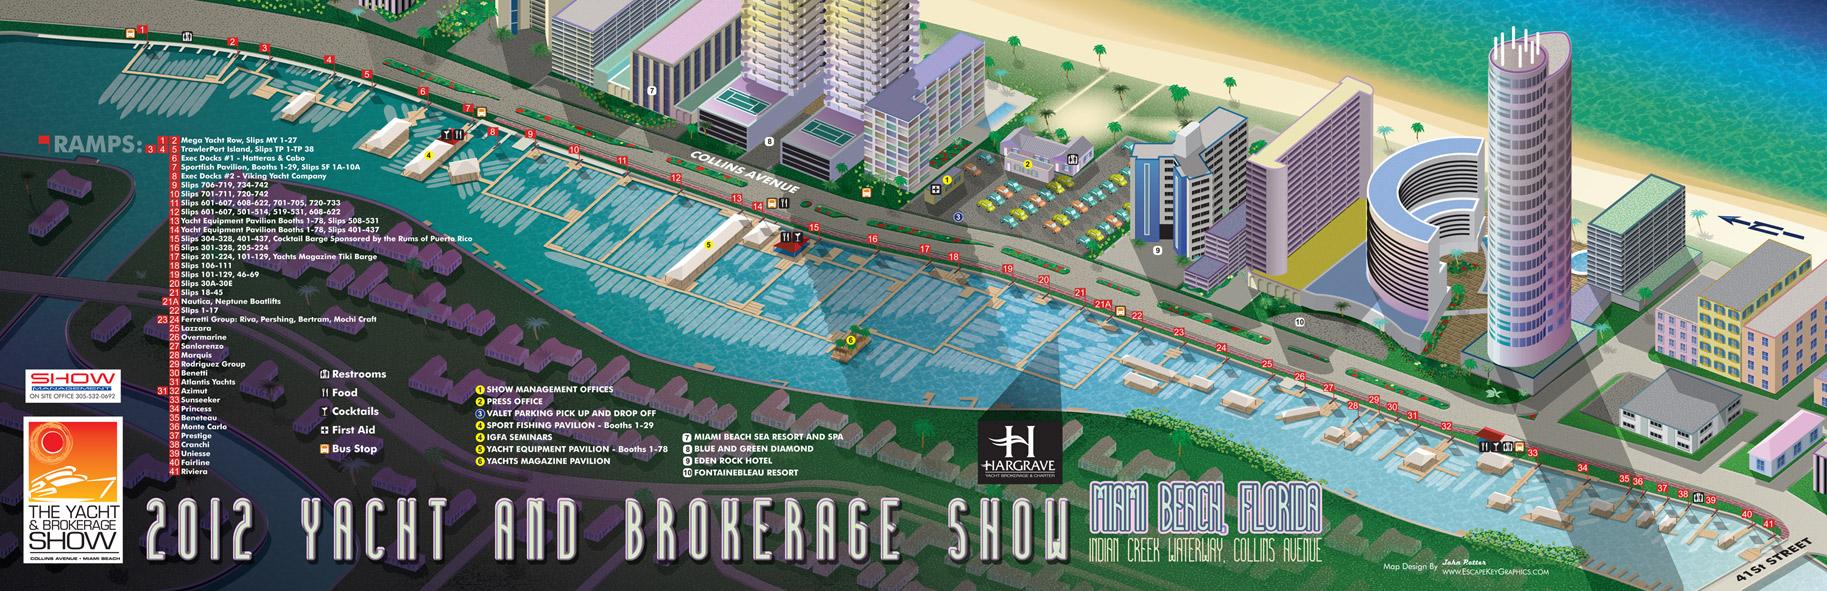 Miami Boat Show Map